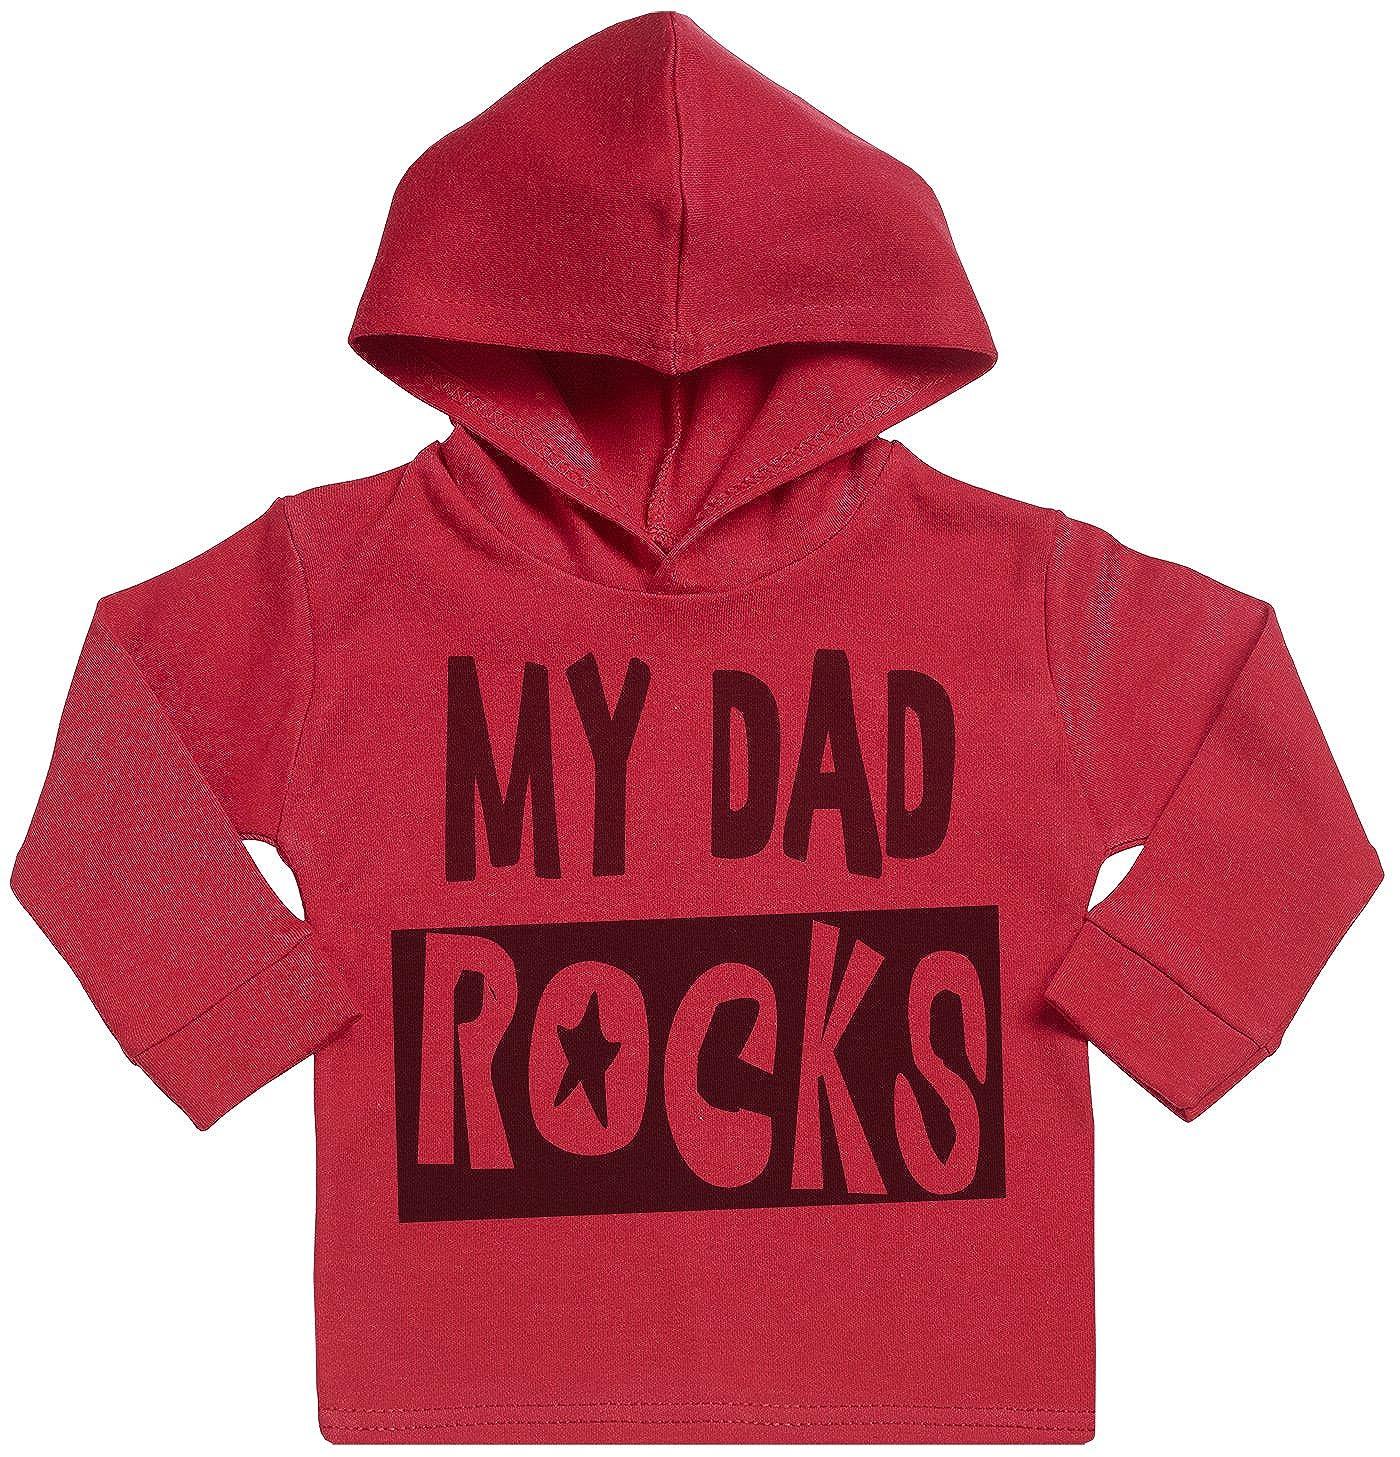 Sudadera con Capucha Para Beb/é Ni/ña My Dad Rocks Sudadera con Capucha Para Beb/é Sr Gris Sudadera con Capucha Para Beb/é Ni/ño